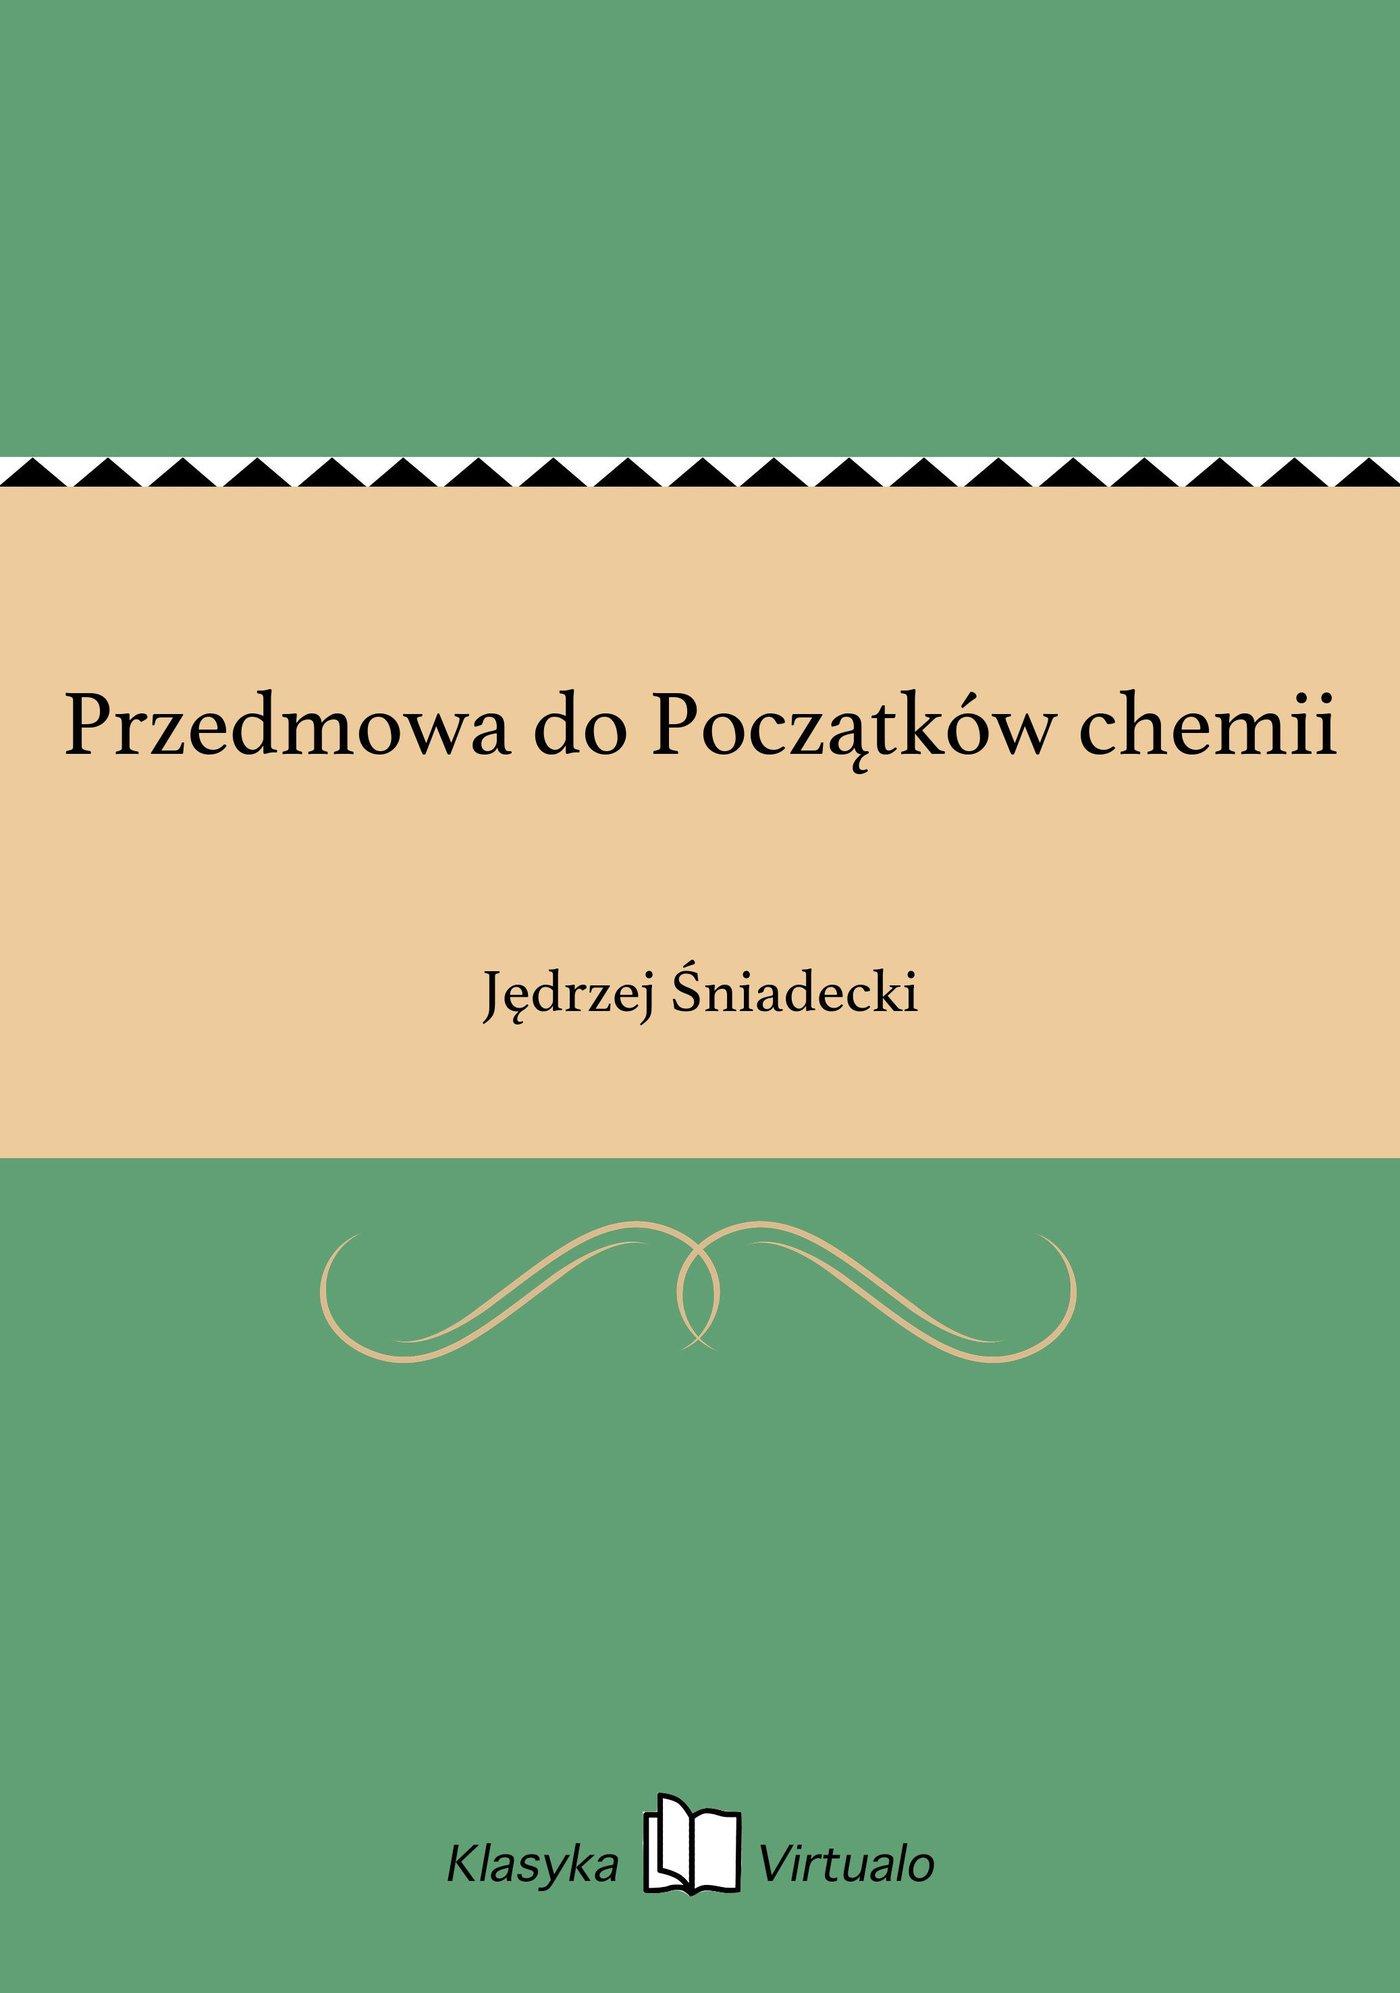 Przedmowa do Początków chemii - Ebook (Książka na Kindle) do pobrania w formacie MOBI